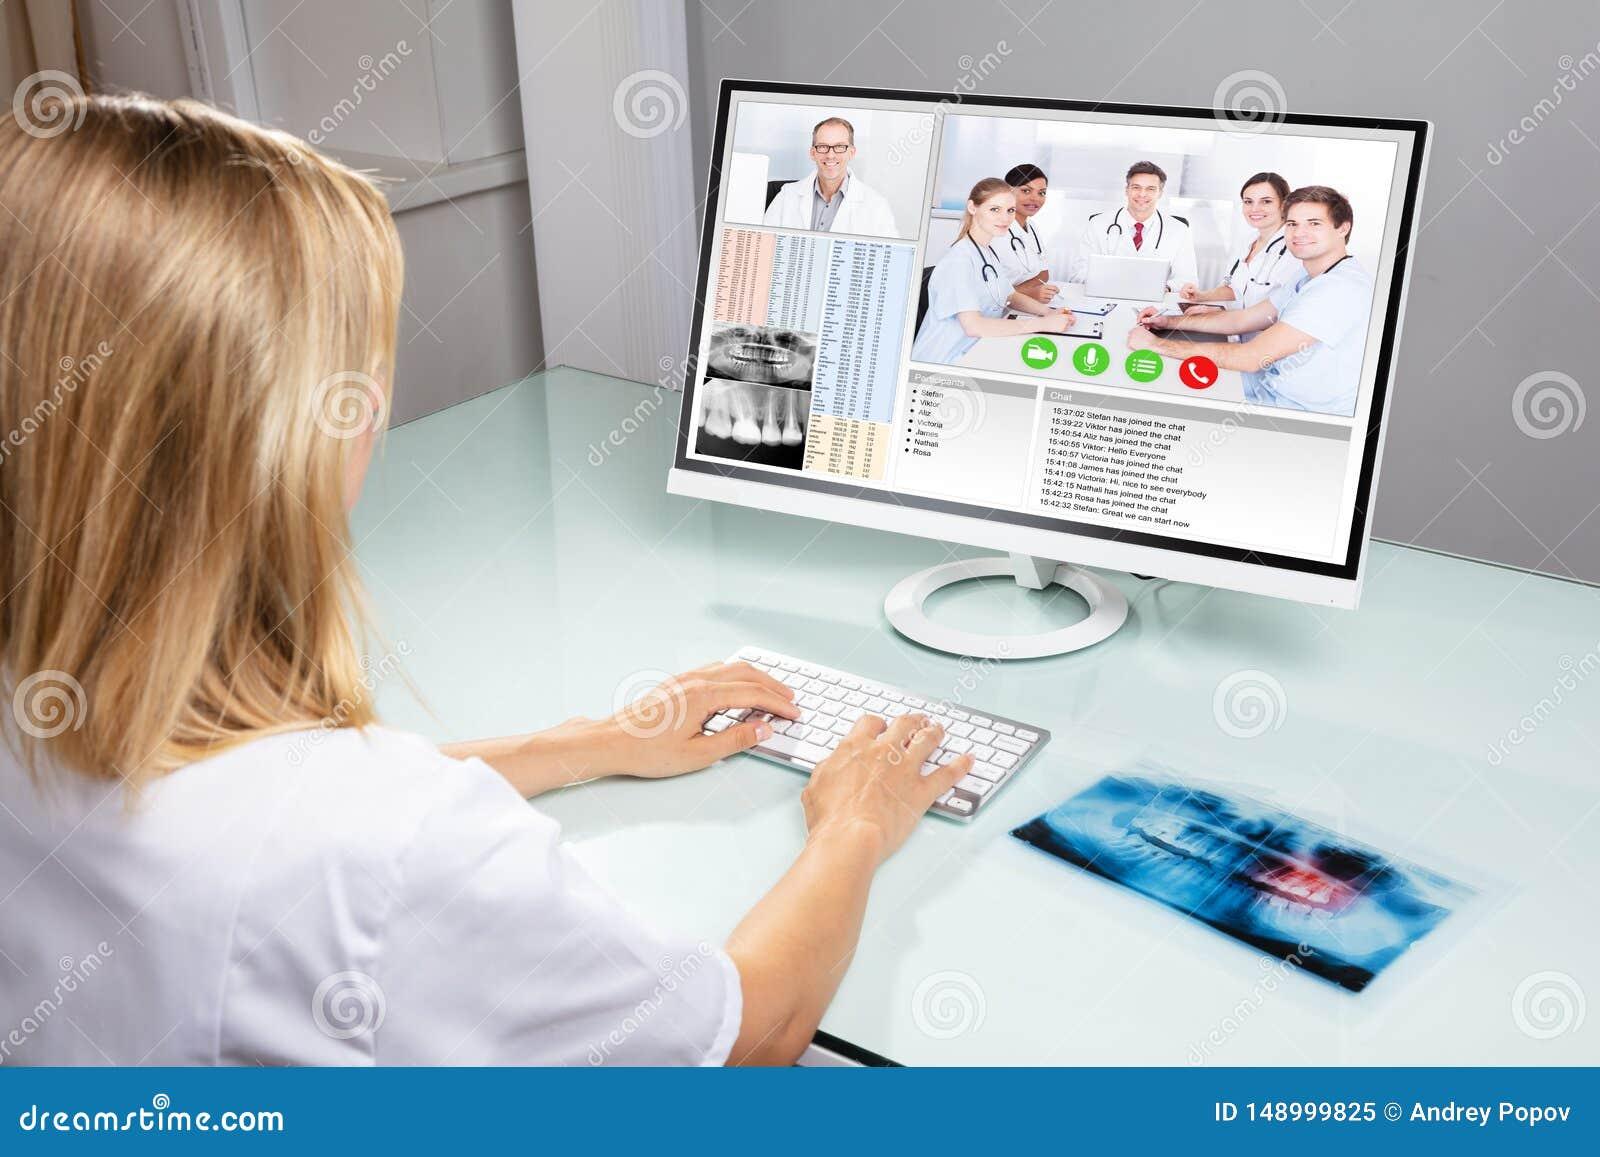 Τηλεοπτική σύσκεψη οδοντιάτρων με τους συναδέλφους της στον υπολογιστή